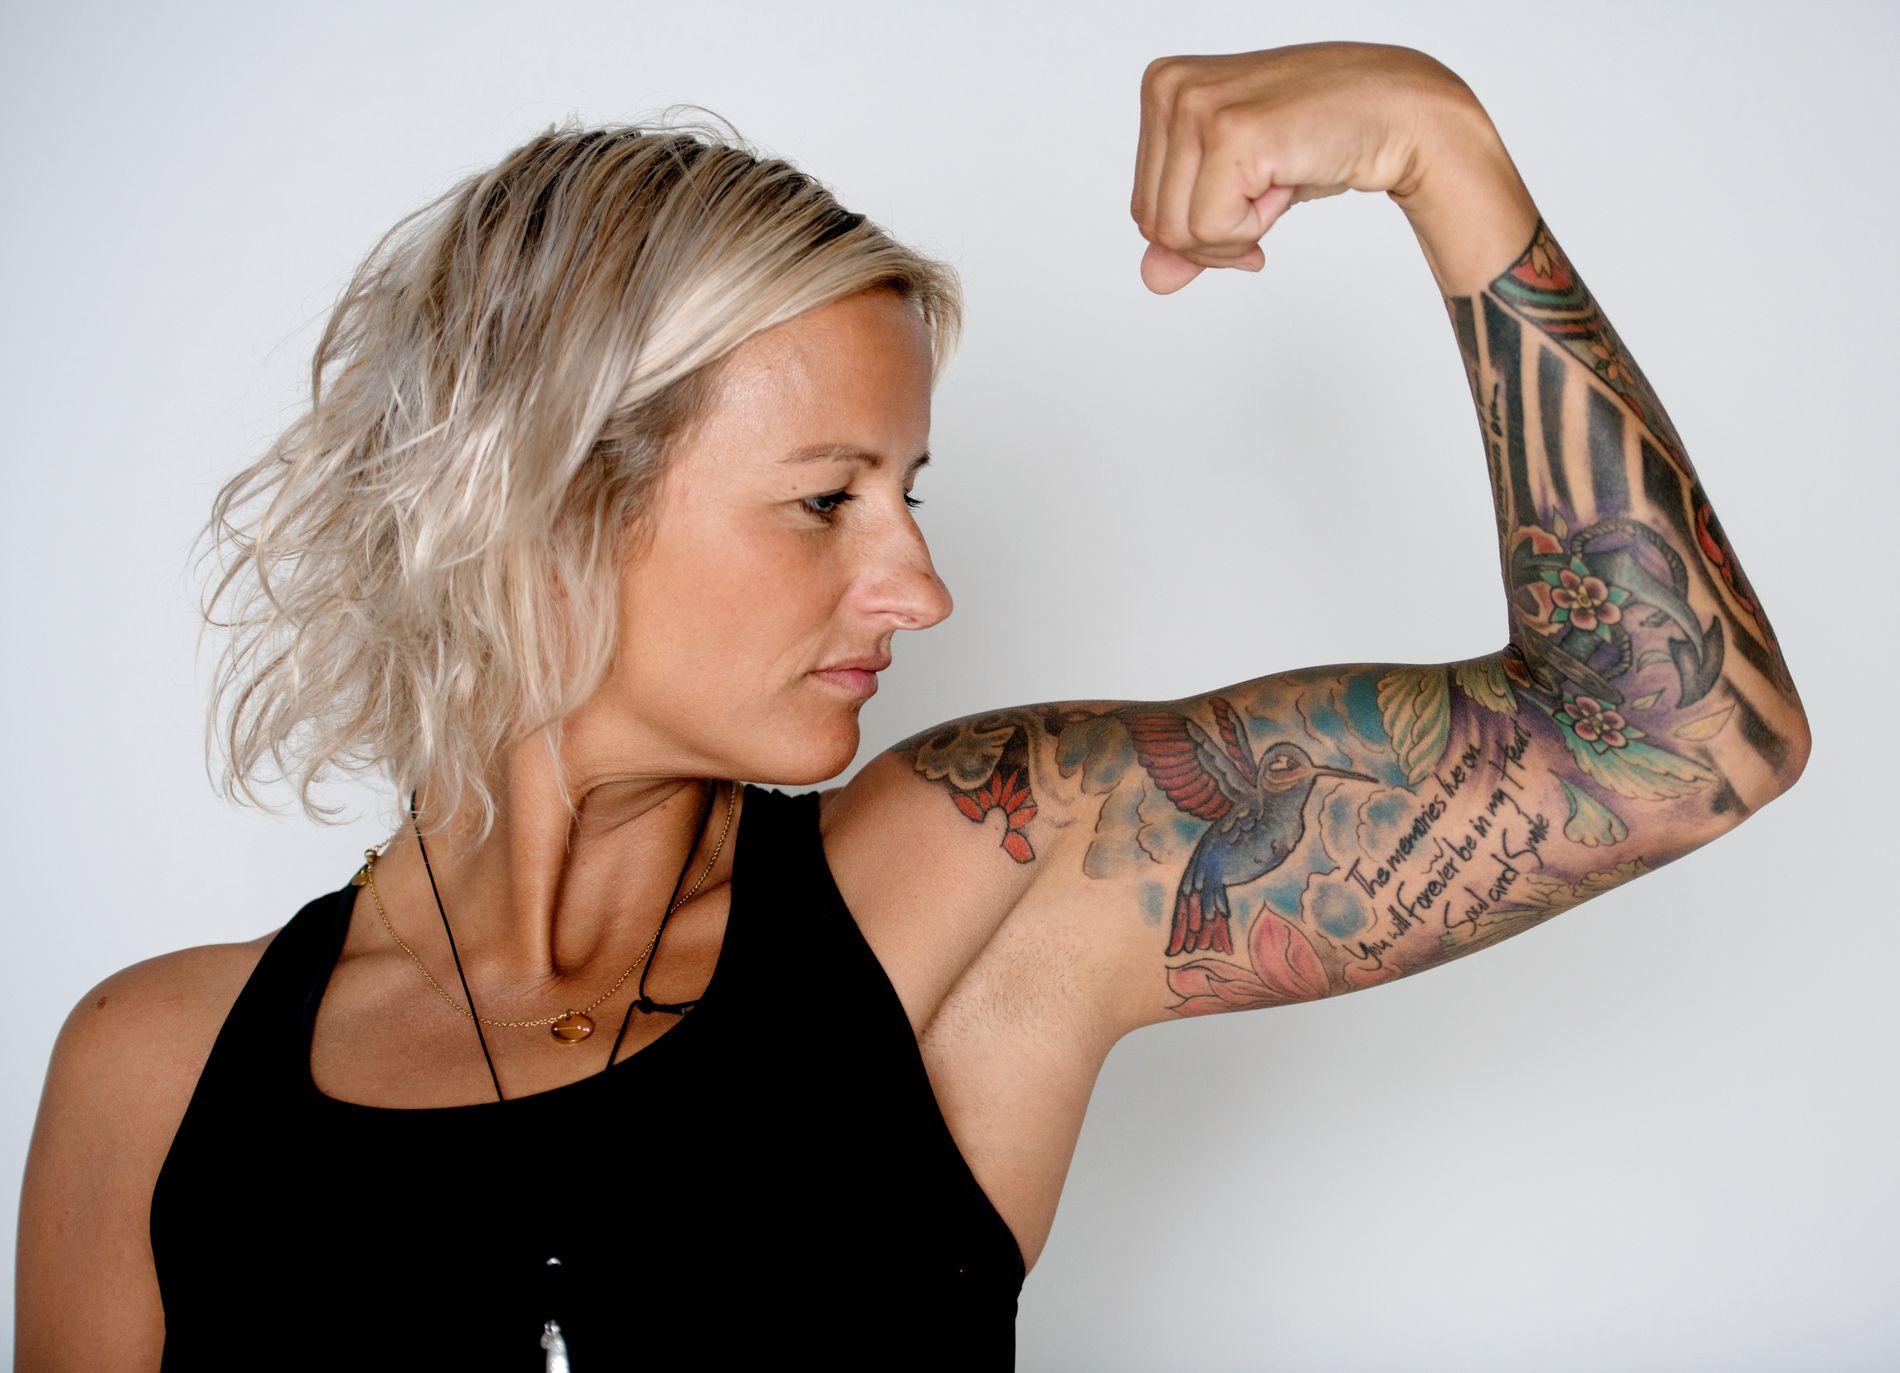 TØFFING: Vibeke Skofterud fortalte gjerne åpent egne om styrker og svakheter, i liv som var hektisk og preget av oppturer og nedturer. Bildet er fra da hun ble intervjuet av VG Helg i mai, hvor hun viste frem egne tatoveringer.